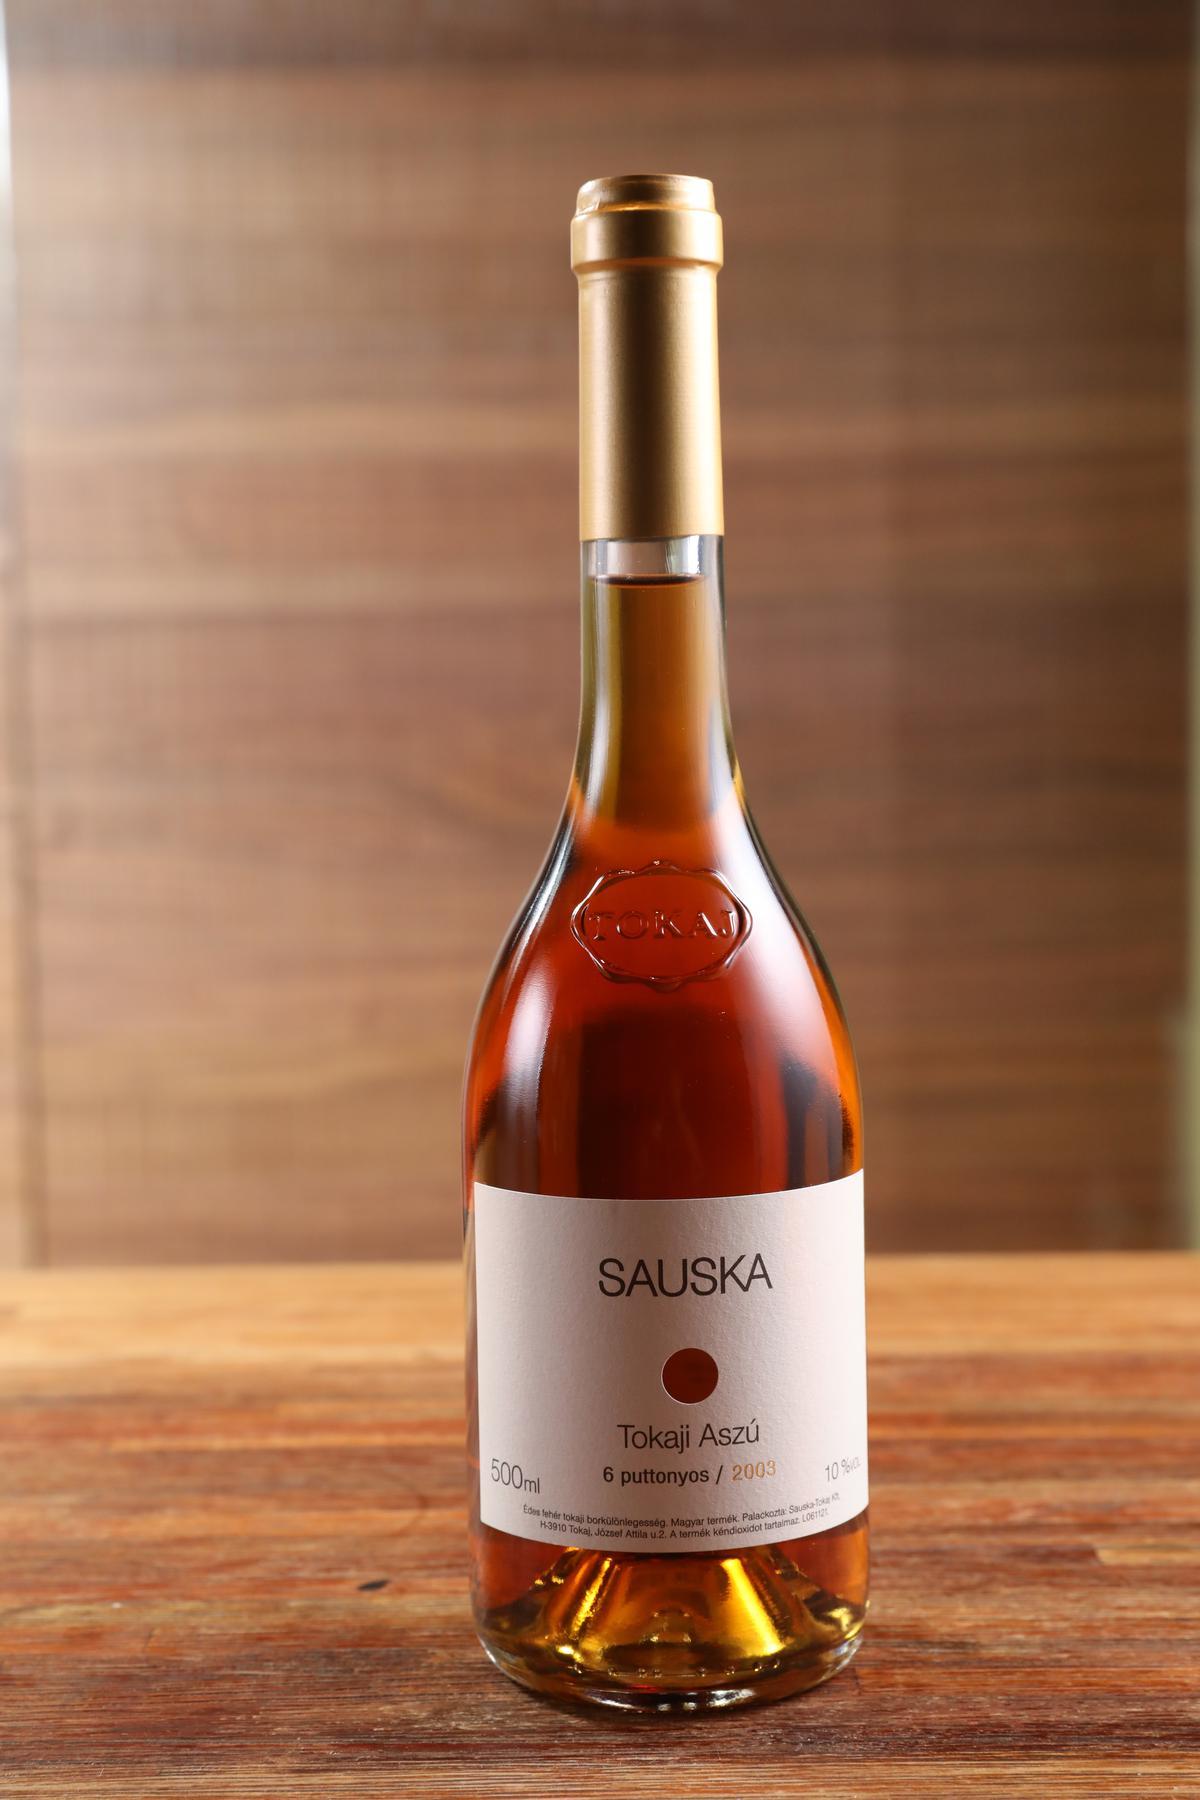 貴腐甜白酒「Sauska Tokaji Aszú 6p 2003」以90% Furmint葡萄與10%Hárslevelü釀製,充分展現無花果、蜂蜜、核果、焦糖、栗子與東方香料味,搭水煮牛也毫無壓力。(3,990元/瓶)